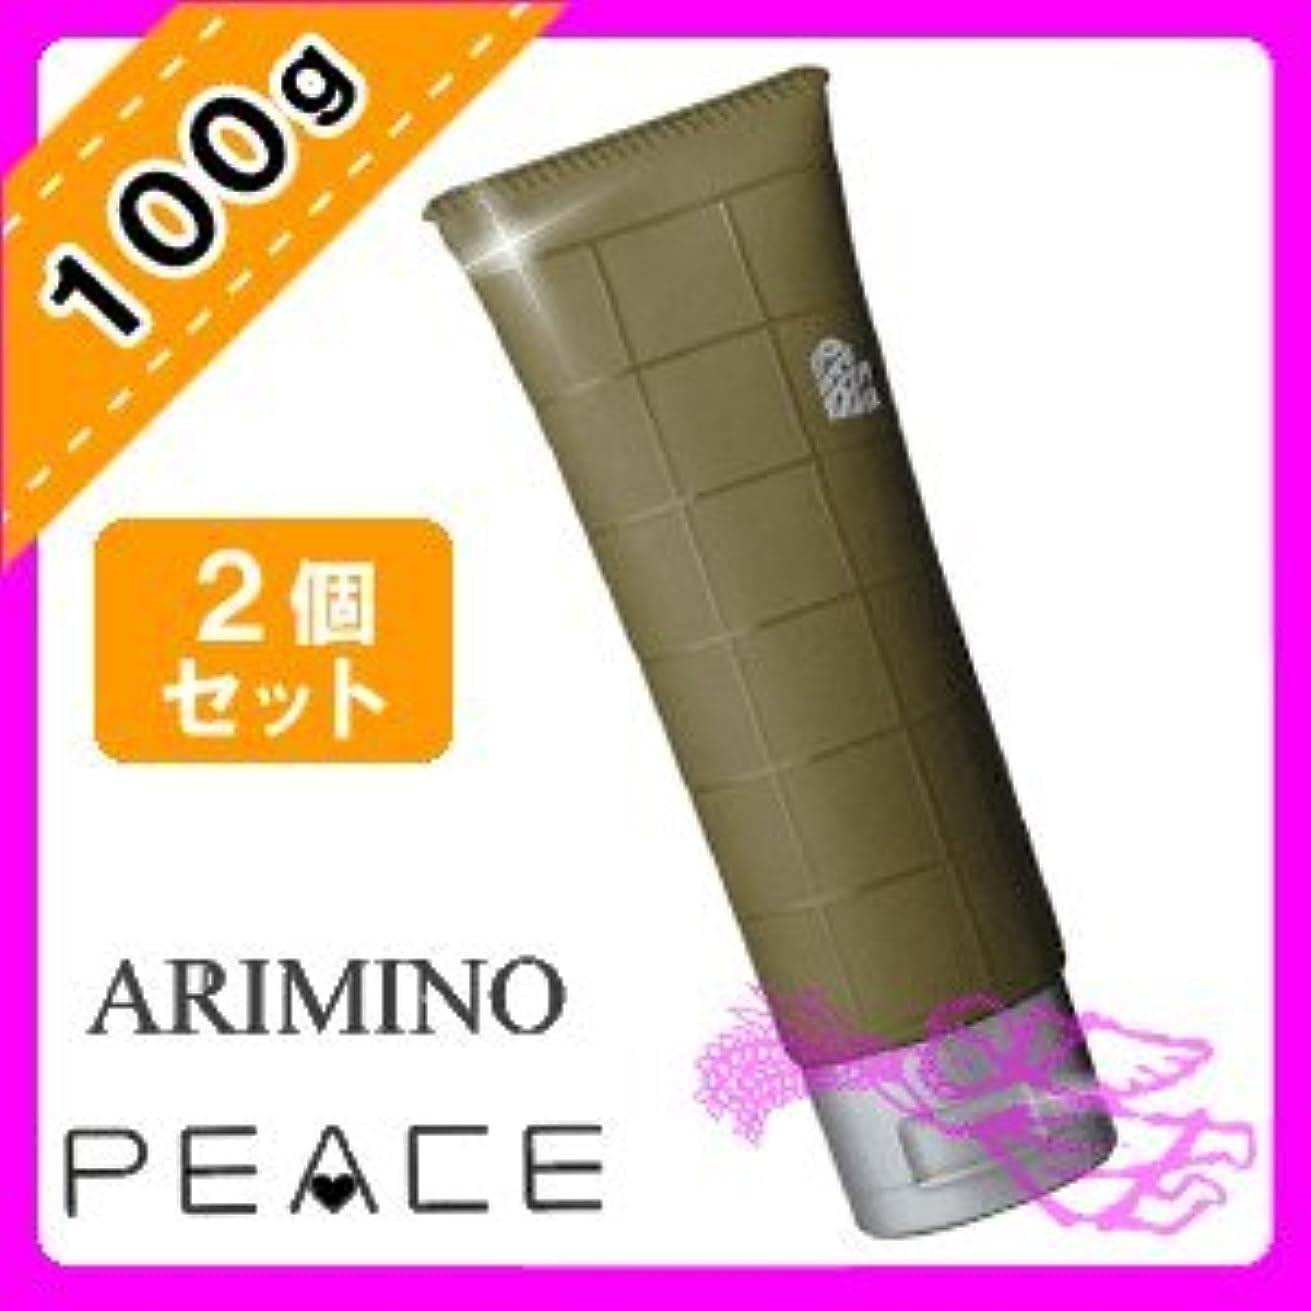 スラム世界的にガイダンスアリミノ ピース ウェットオイル ワックス 100g ×2個セット arimino PEACE